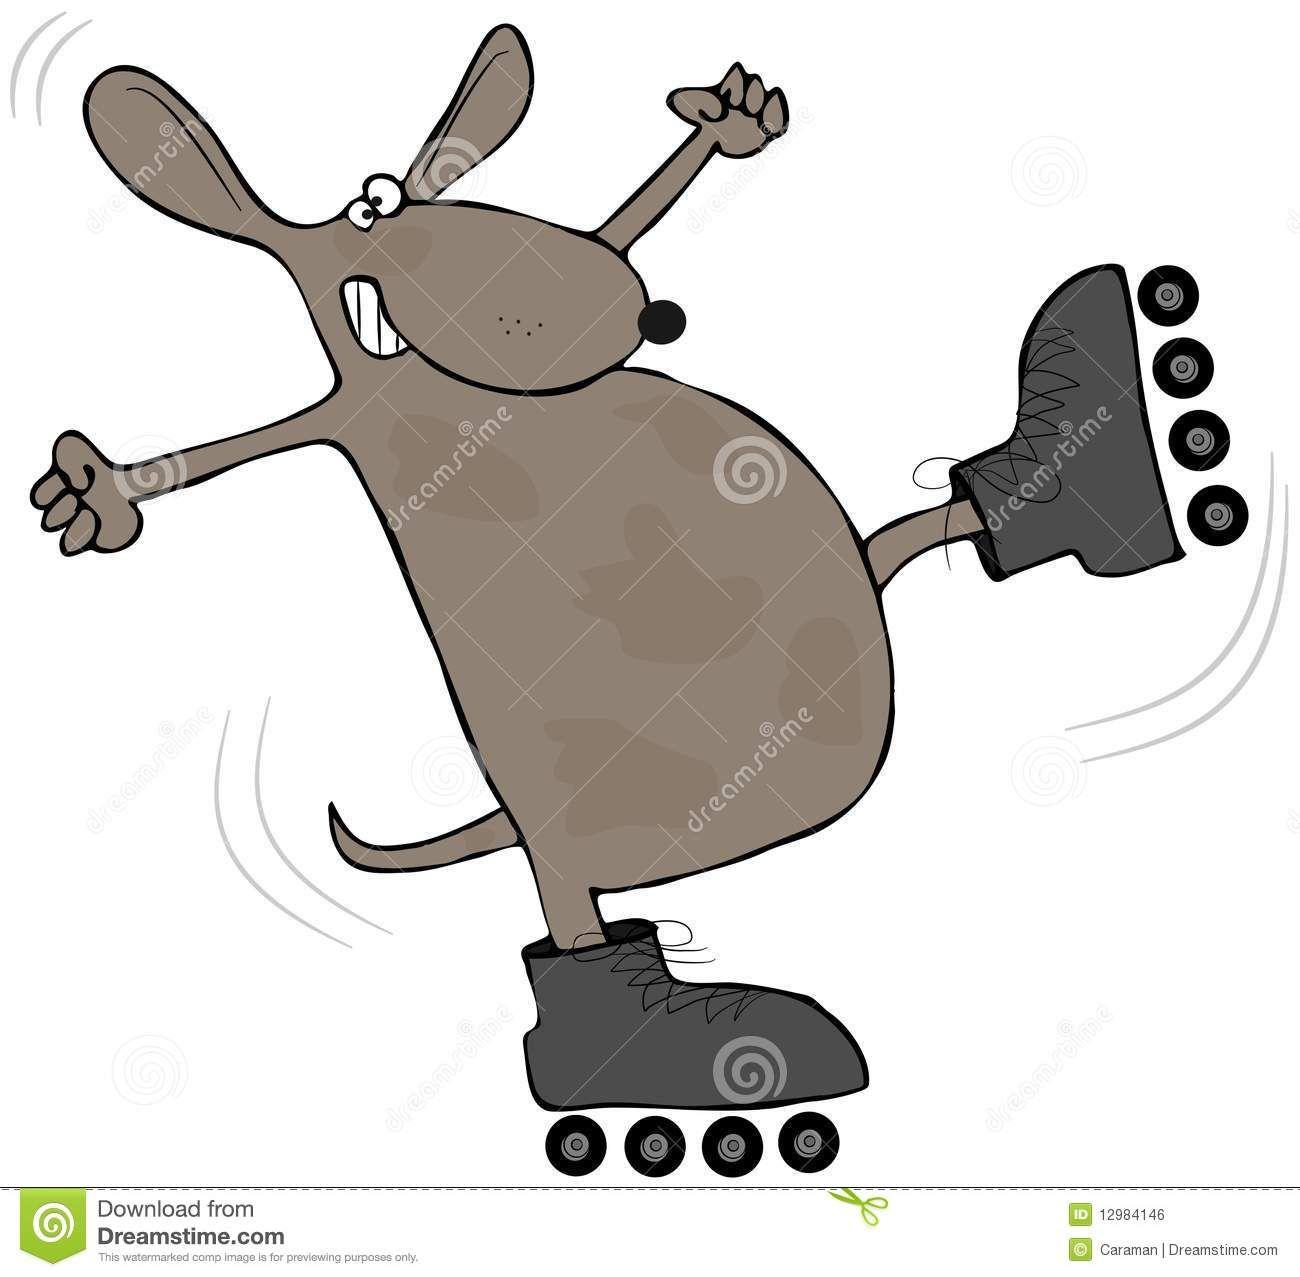 dog-skates-12984146.jpg (1300×1277)